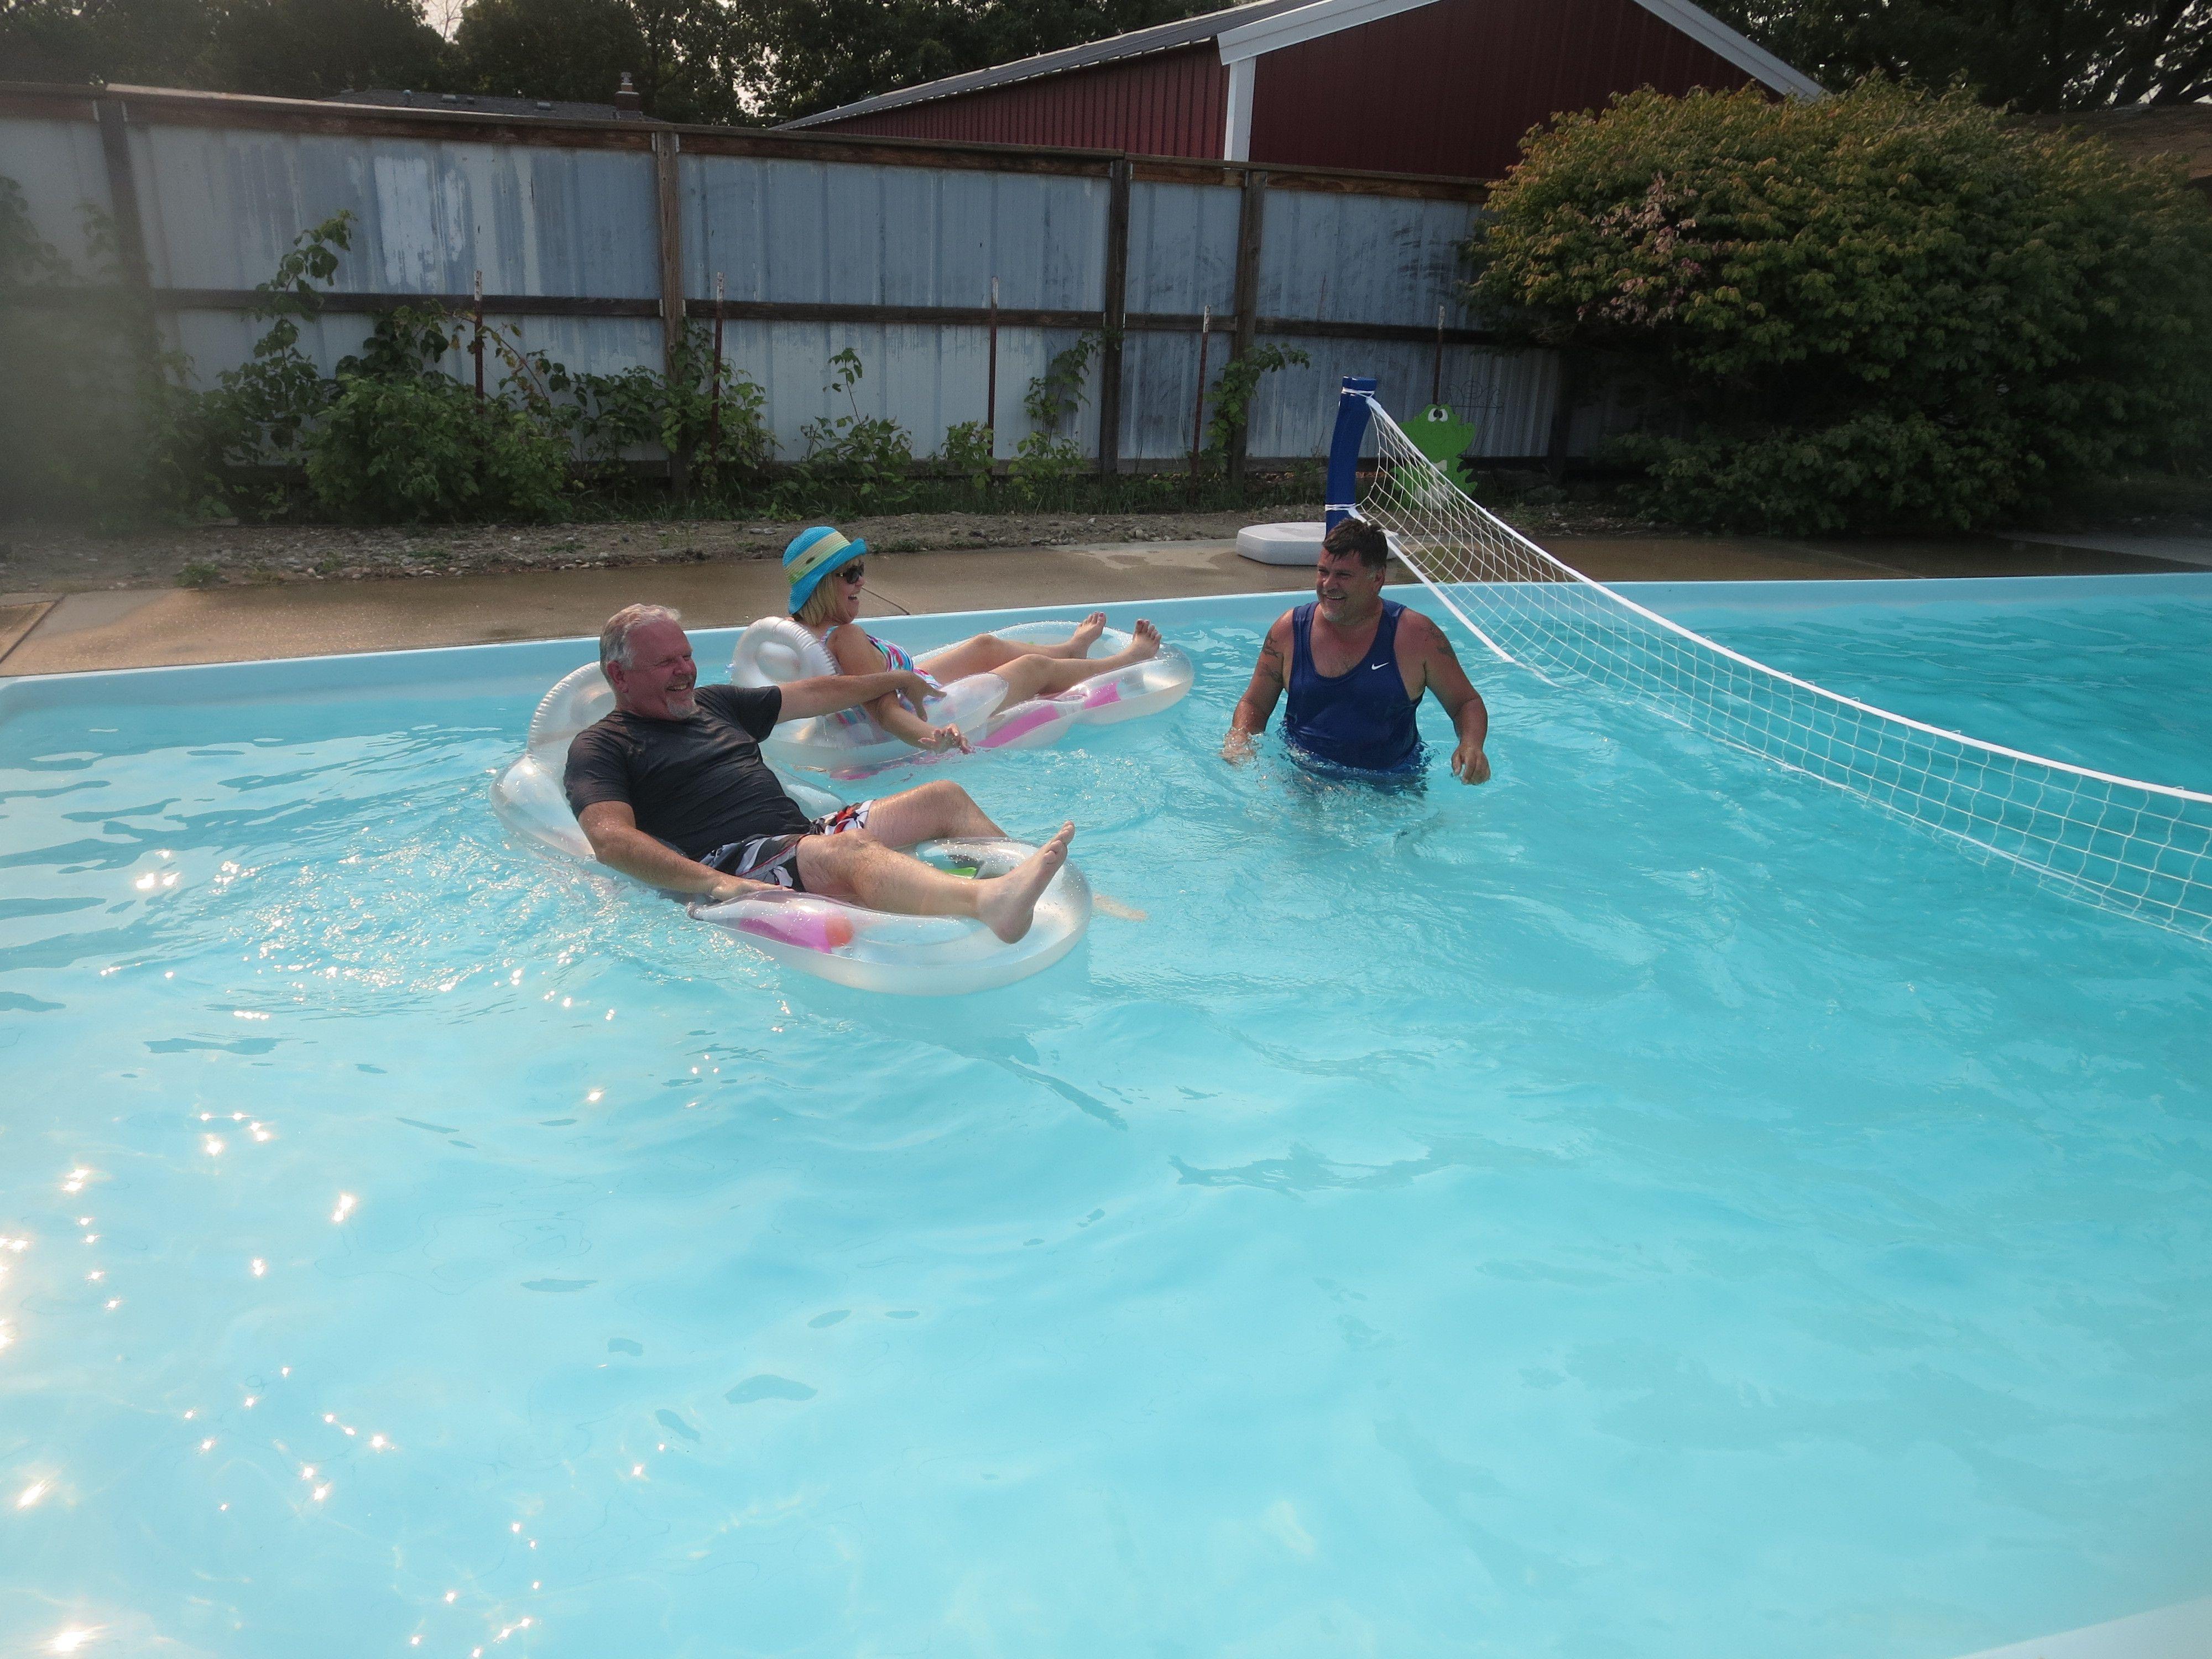 Photos spokane cda outdoor adventure group spokane wa for Garden pool meetup